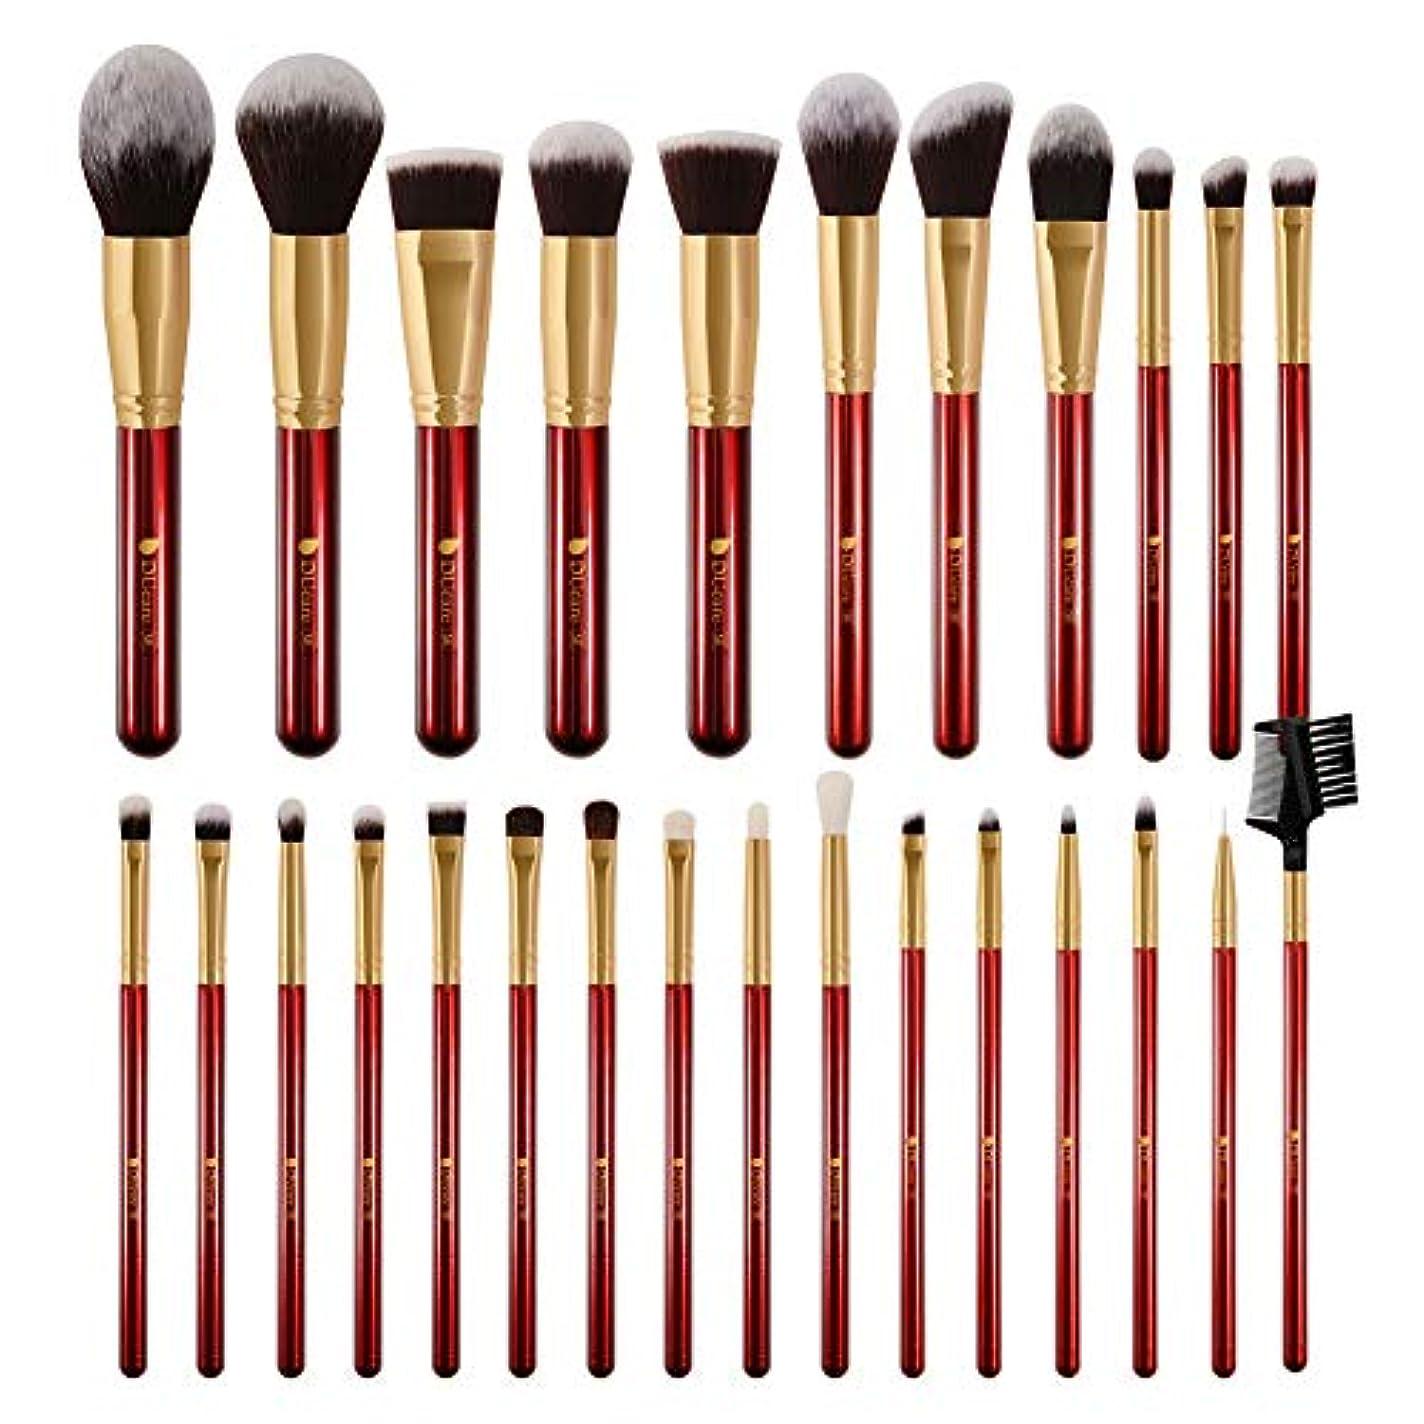 咲くアーサーコナンドイル祖母DUcare ドゥケア メイクブラシ 27本セット 化粧筆 フェイスブラシ PBT毛&天然毛 (赤) 同シリーズでブラックあり